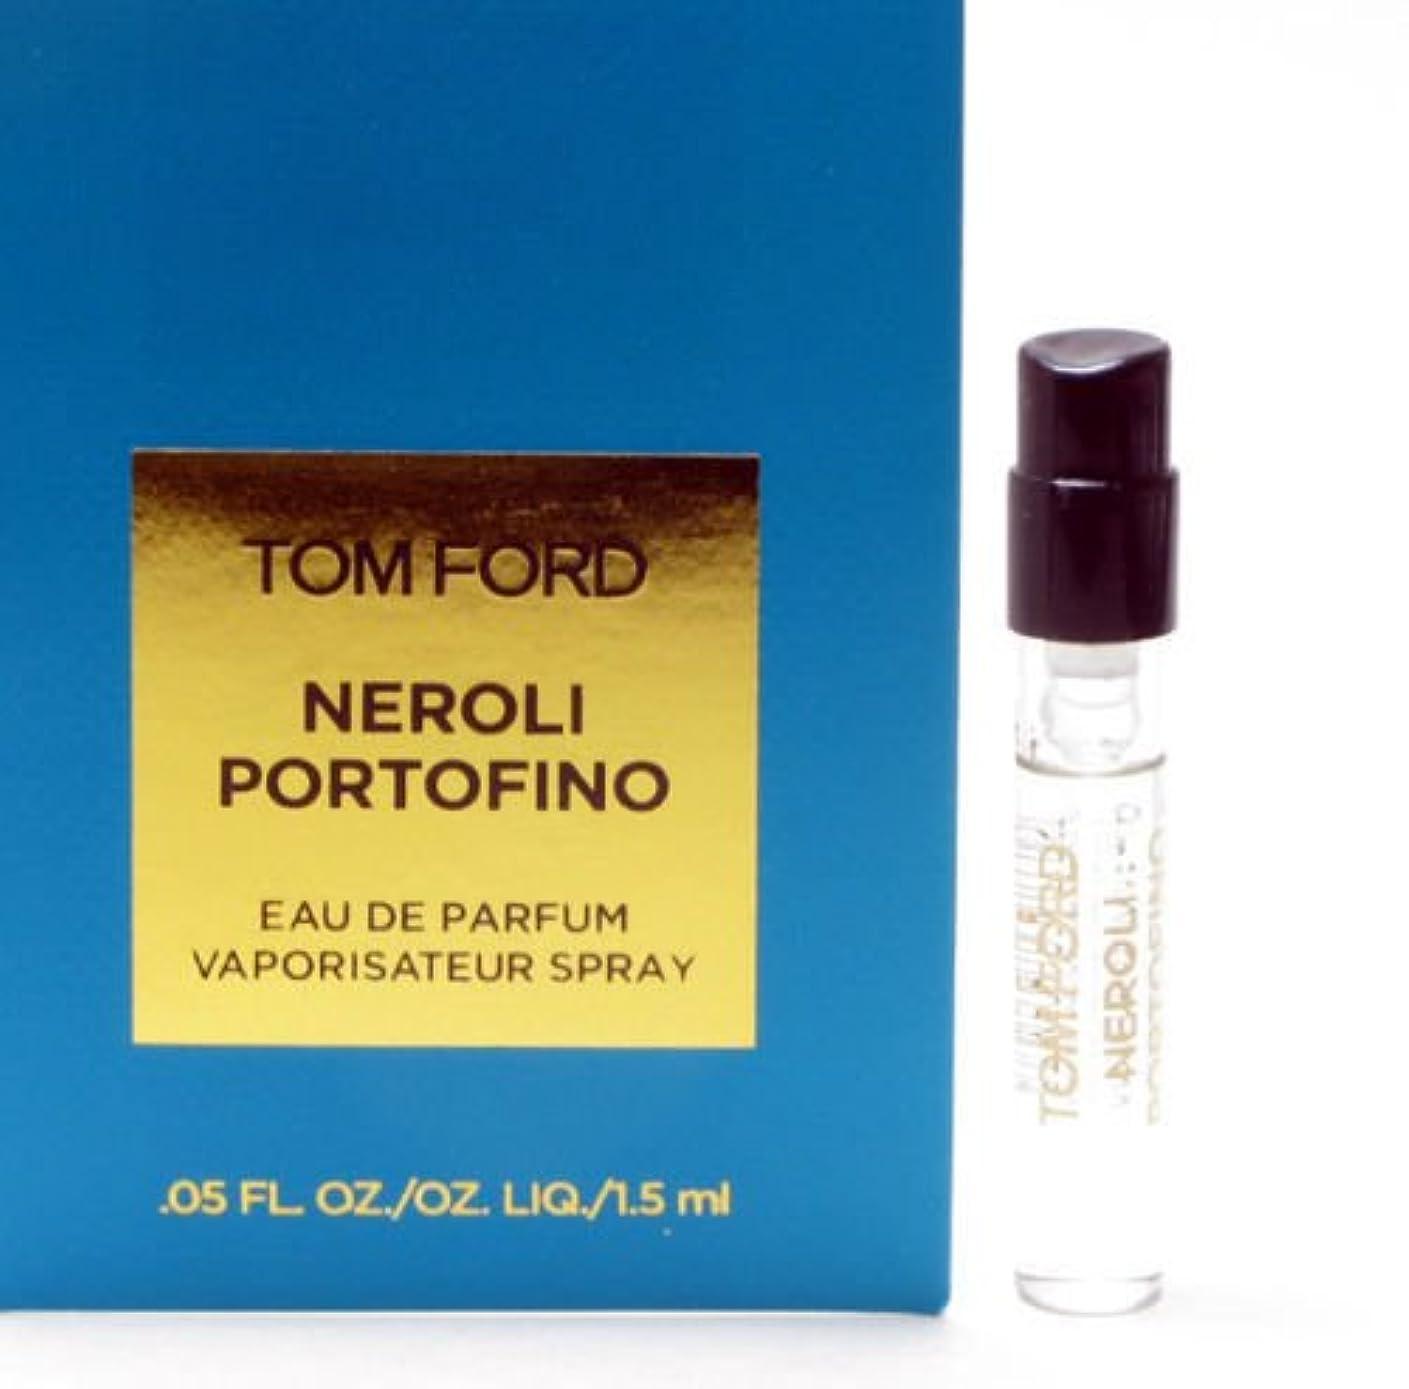 Tom Ford Private Blend 'Neroli Portofino' (トムフォード プライベートブレンド ネロリポートフィーノ) 0.05 oz (1.5ml) EDP Sample サンプル Spray